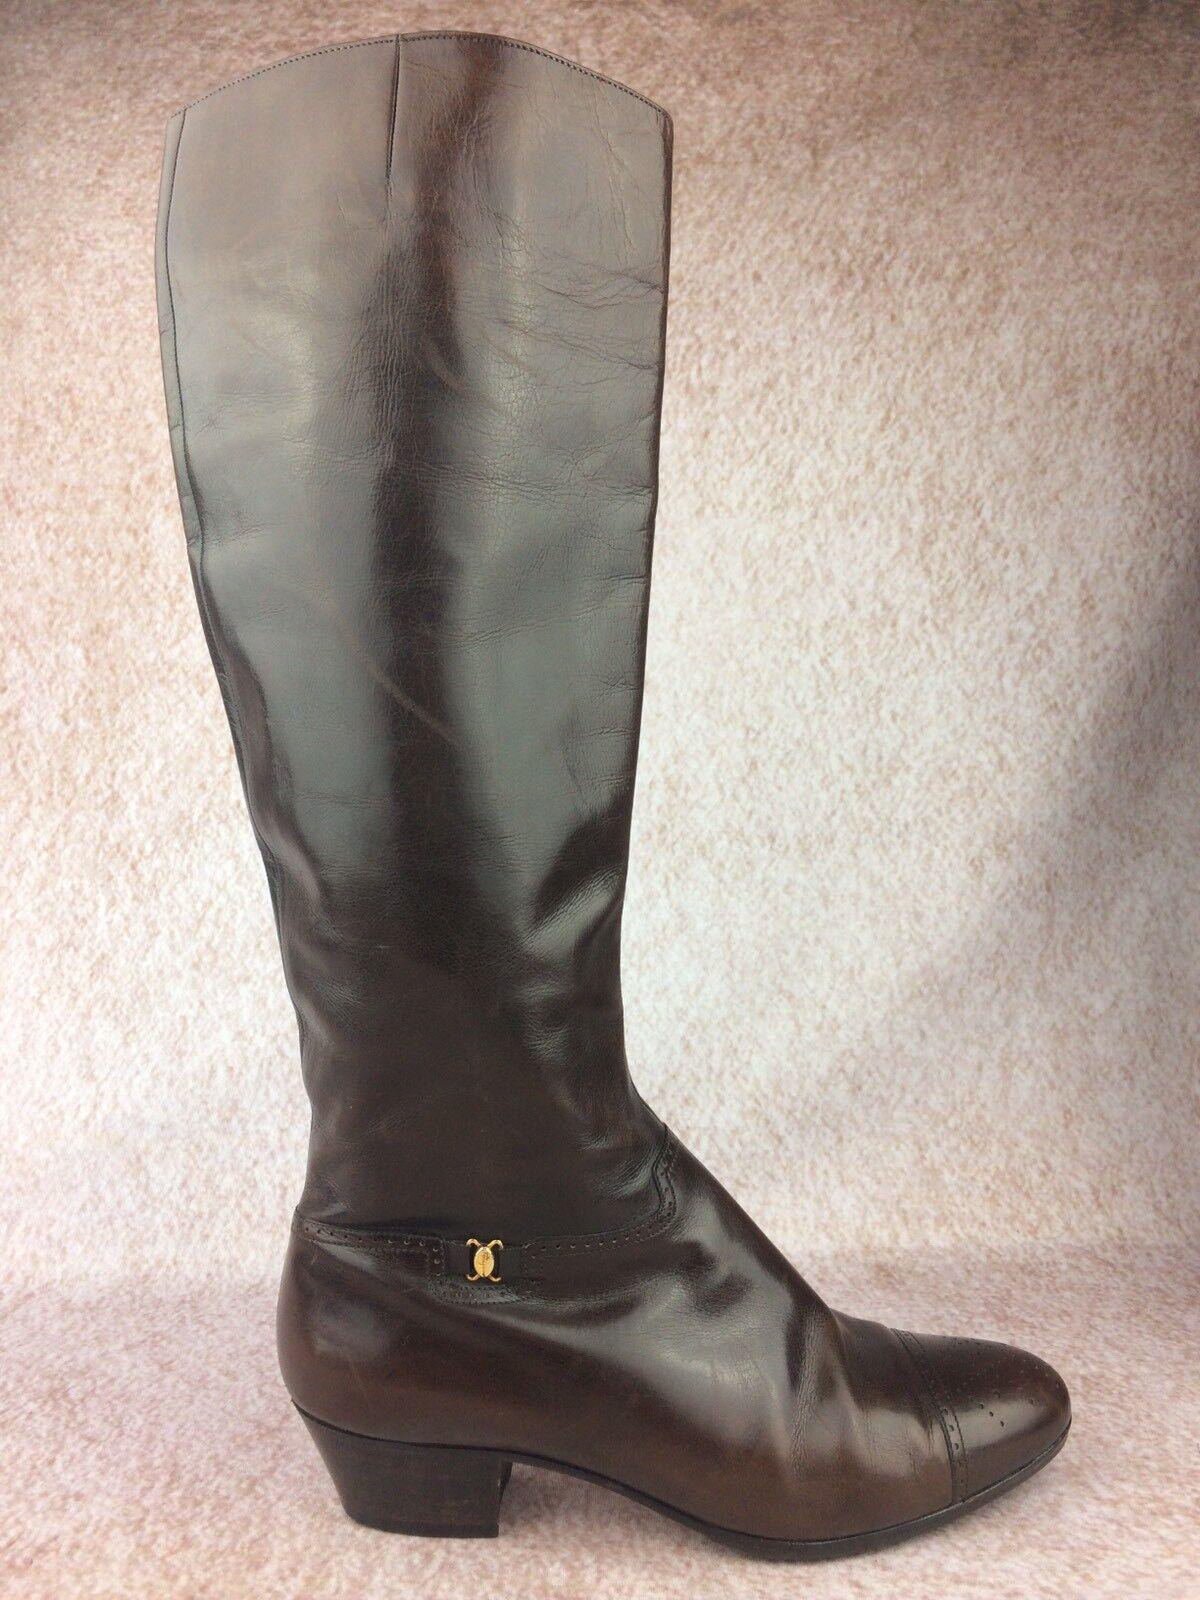 Salvatore Ferragamo Vintage Größe 5.5  braun Leather Zip High Riding Stiefel